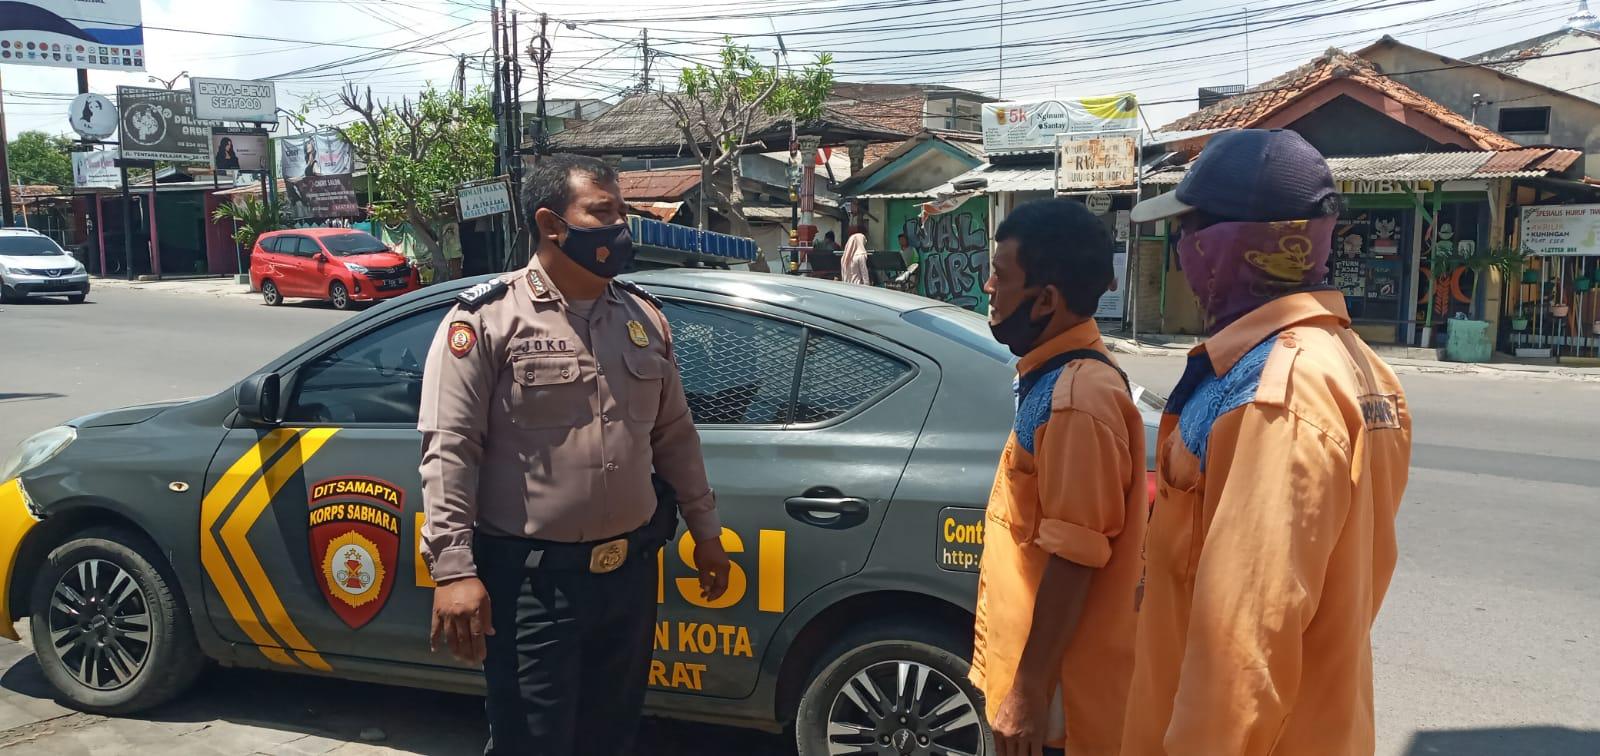 Polsek Utbar Polres Ciko, Patroli Dialogis Sambangi Warga Himbau PPKM Dimasa Pandemi